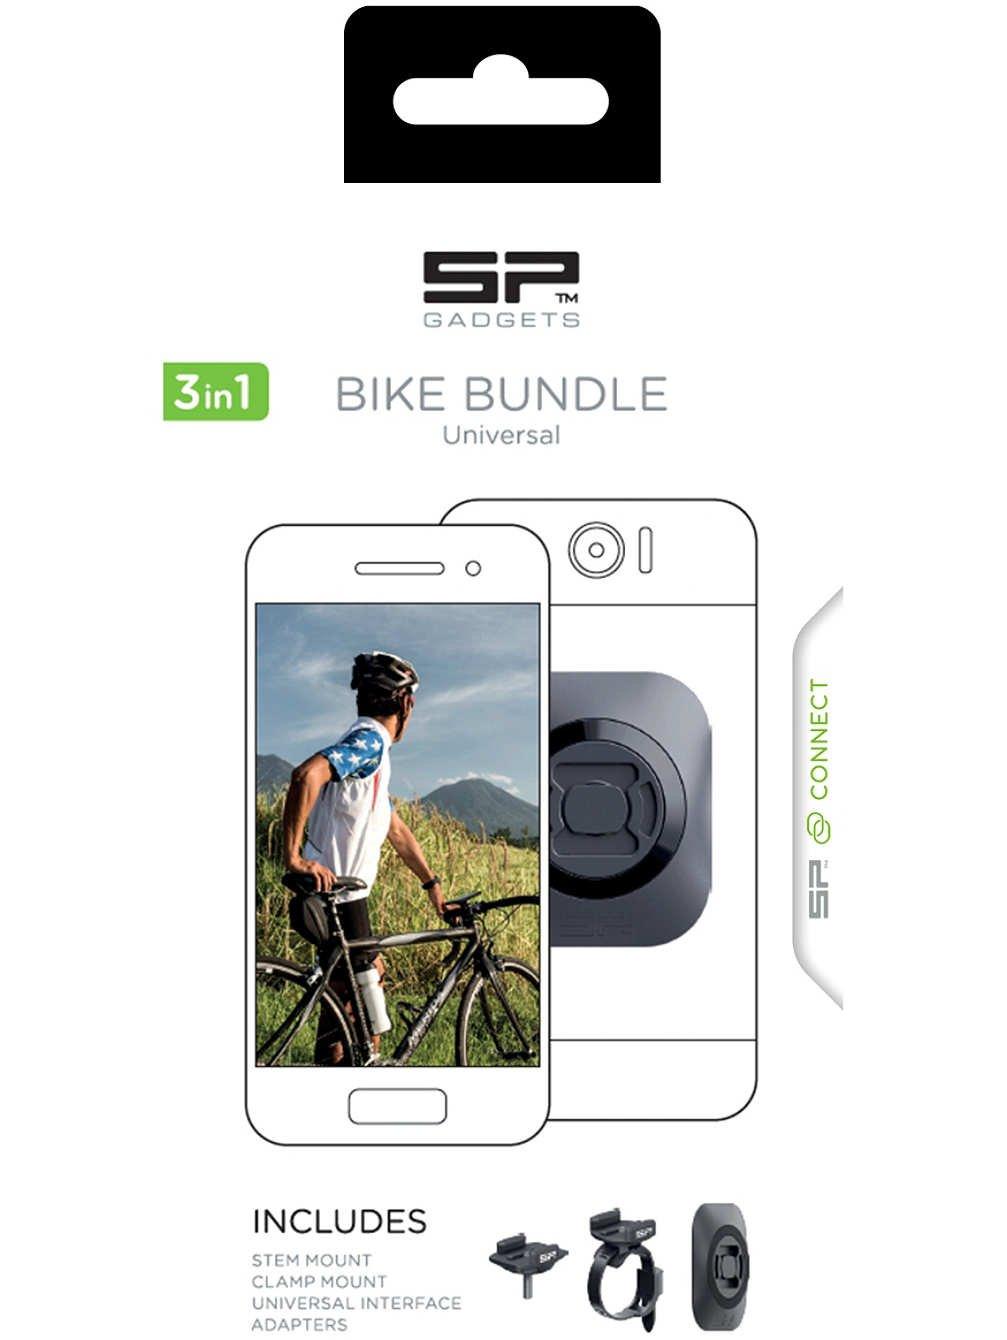 SP-Gadgets Helmkamera SP Connect Bike Bundle Universal SP Gadgets DGWX53406